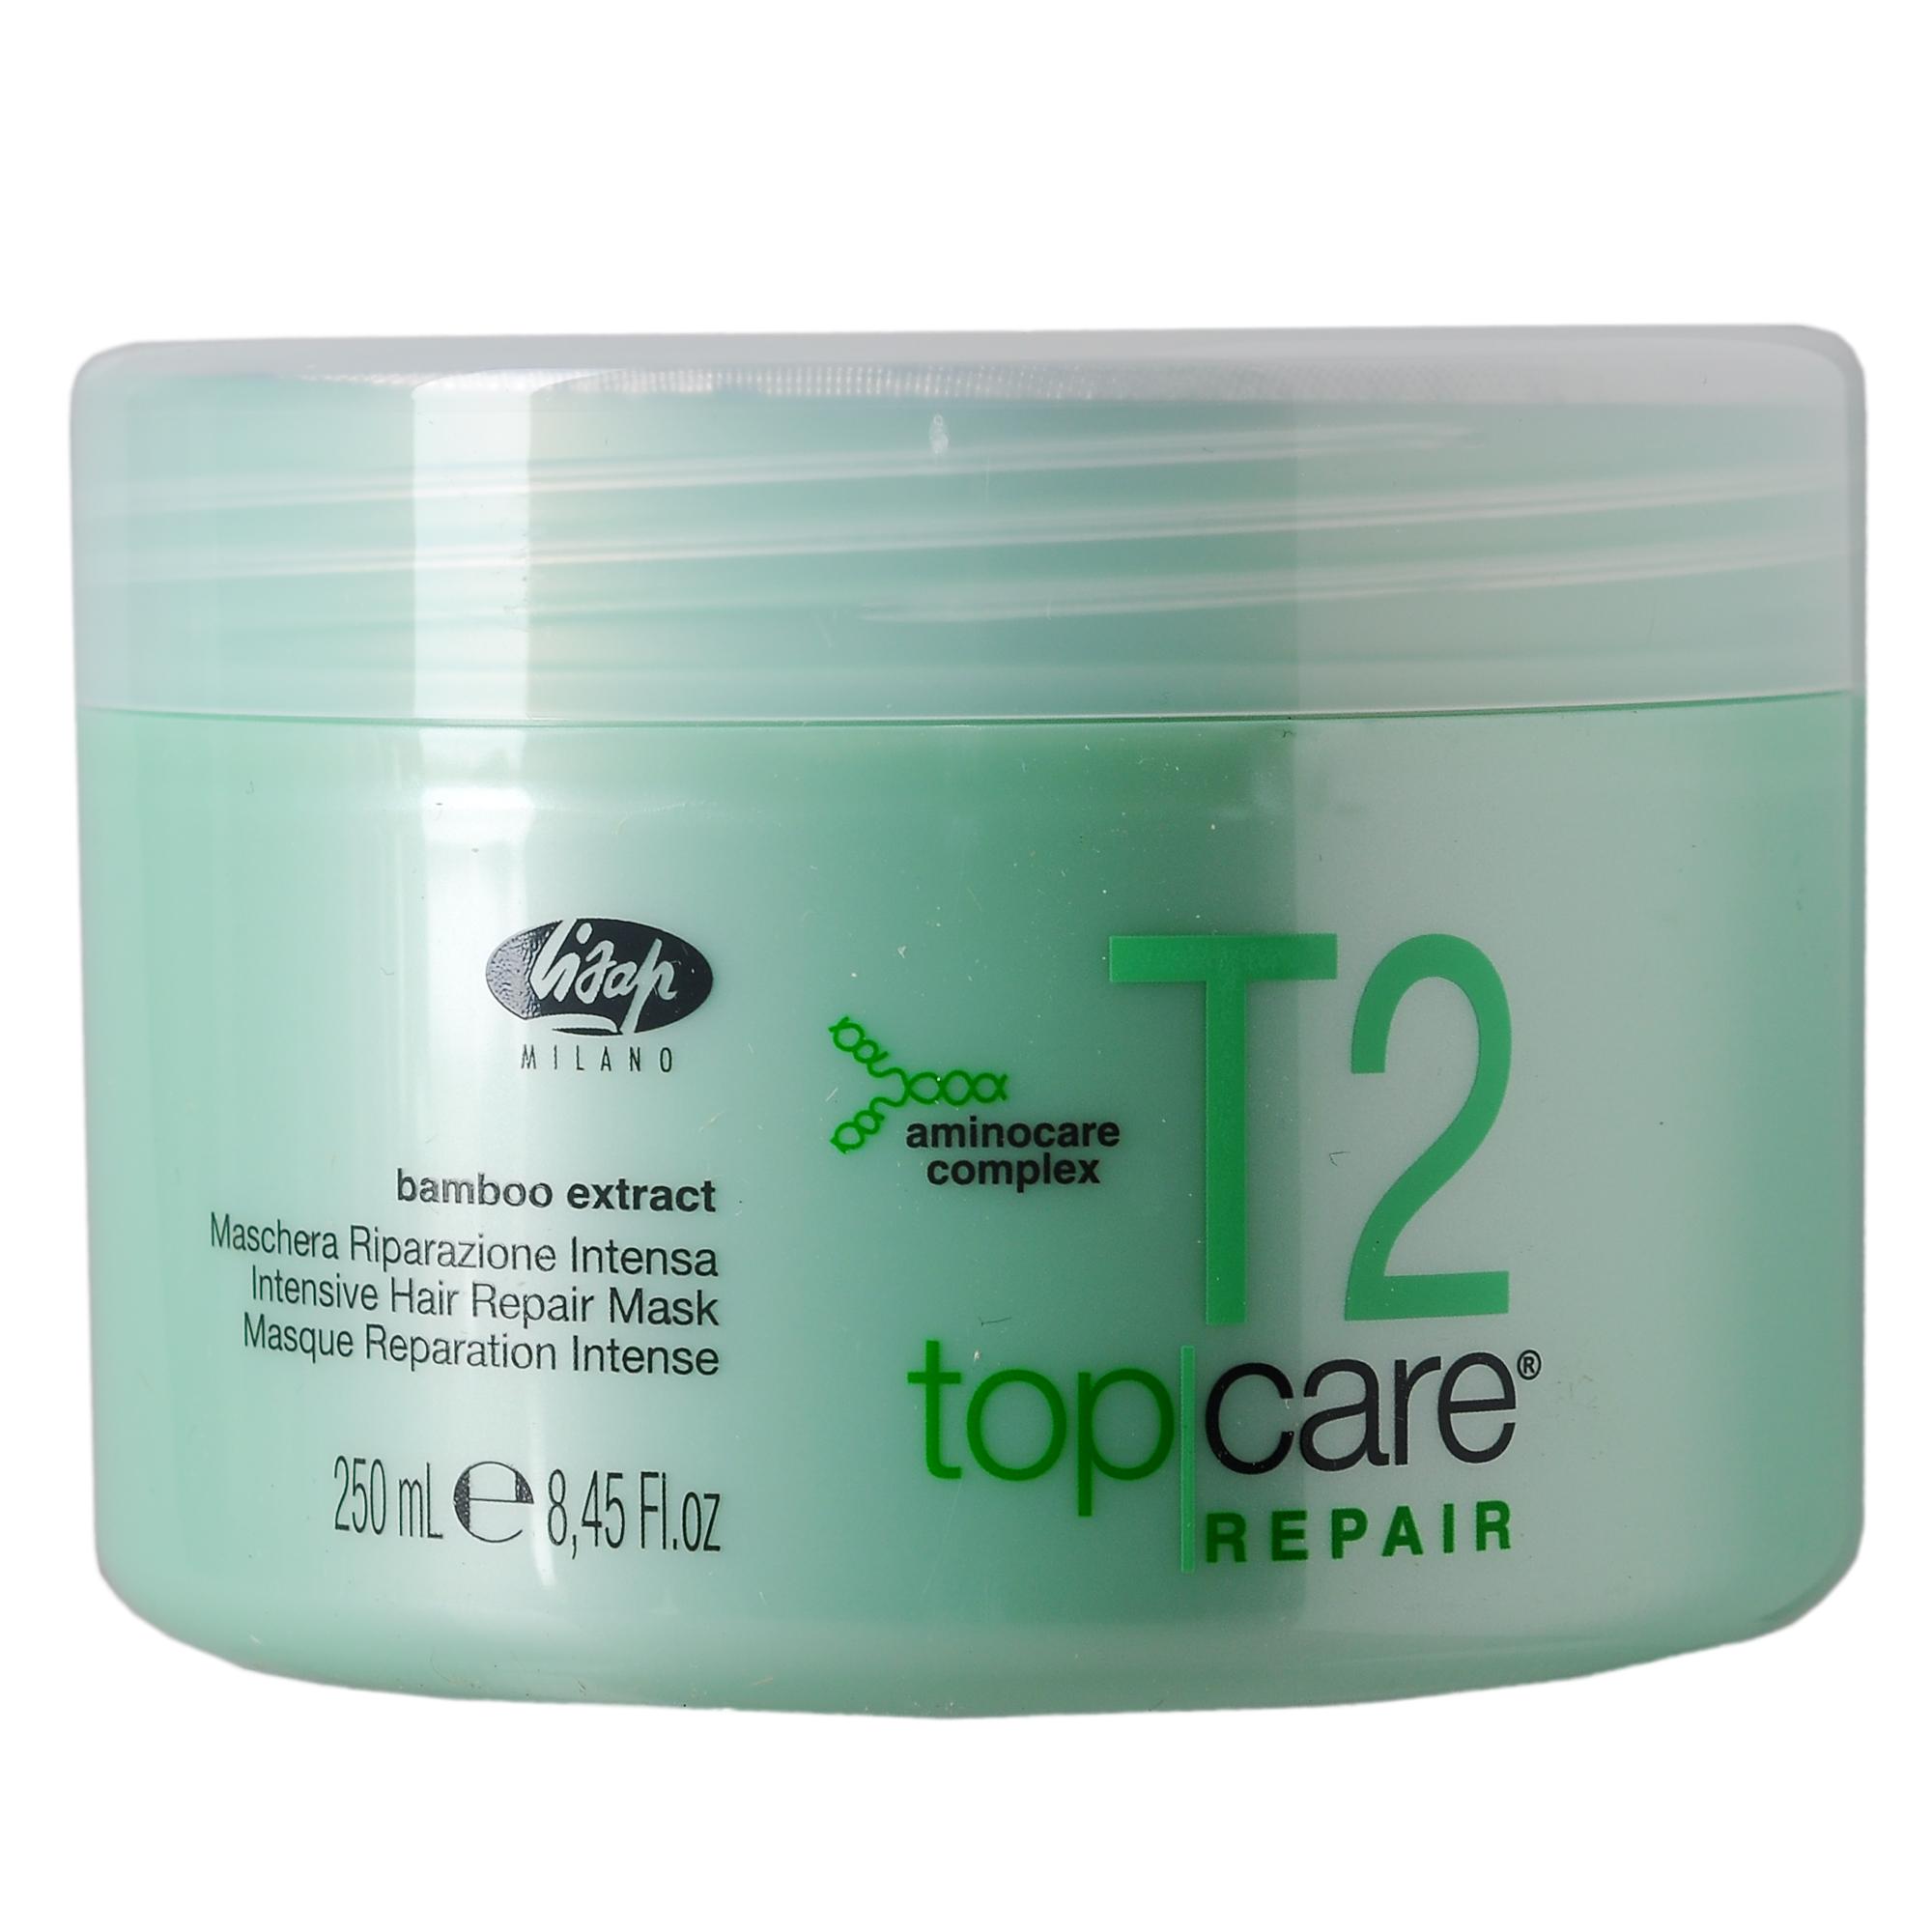 LISAP MILANO Маска восстанавливающая интенсивная для химически обработанных волос / TOP CARE REPAIR 250мл